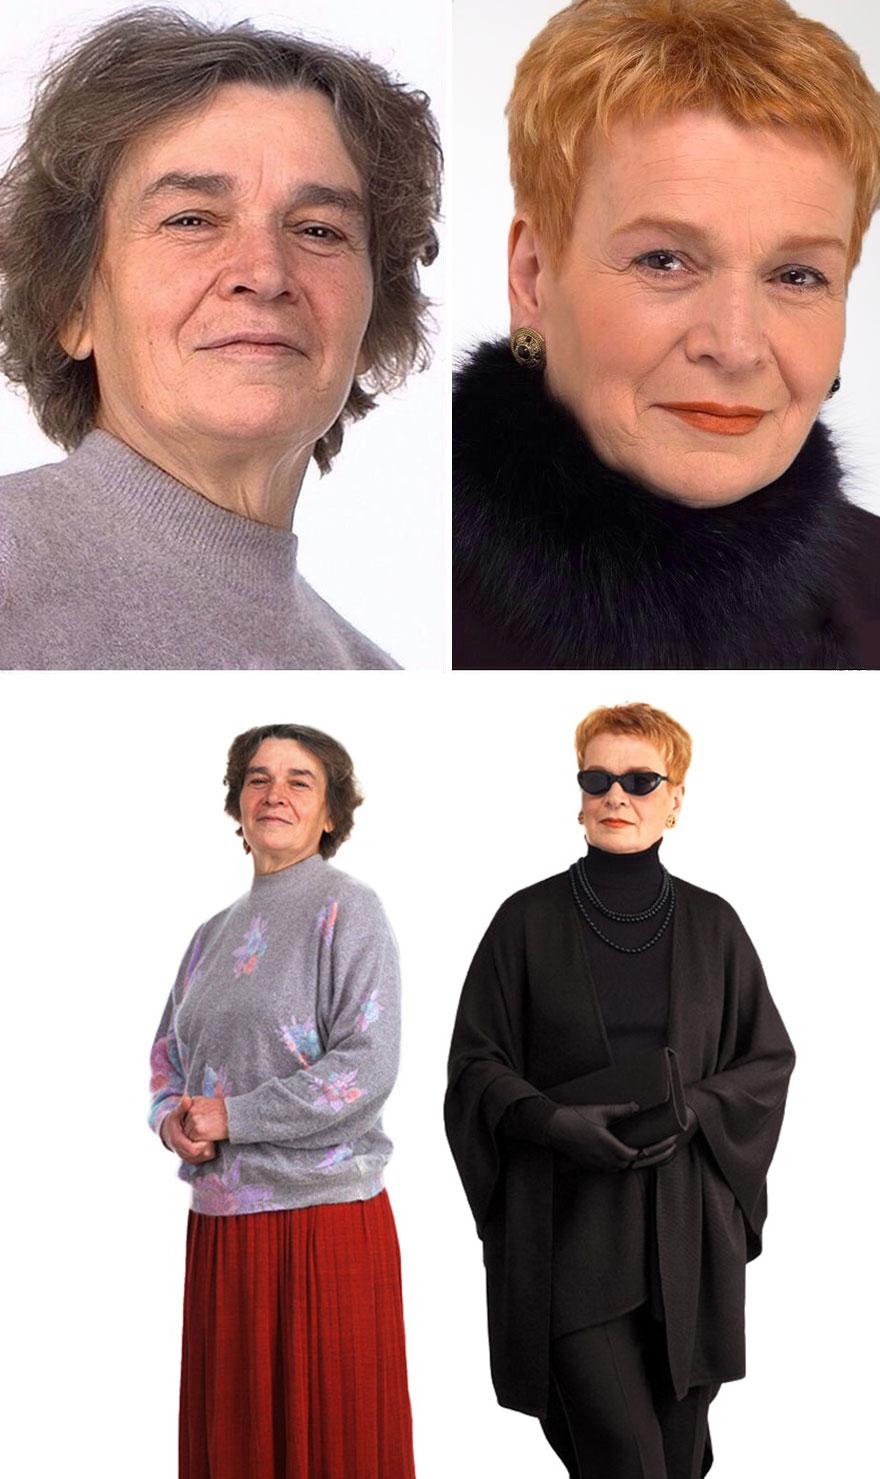 fotos-antes-despues-mujeres-cambio-estilo-bogomolov (32)